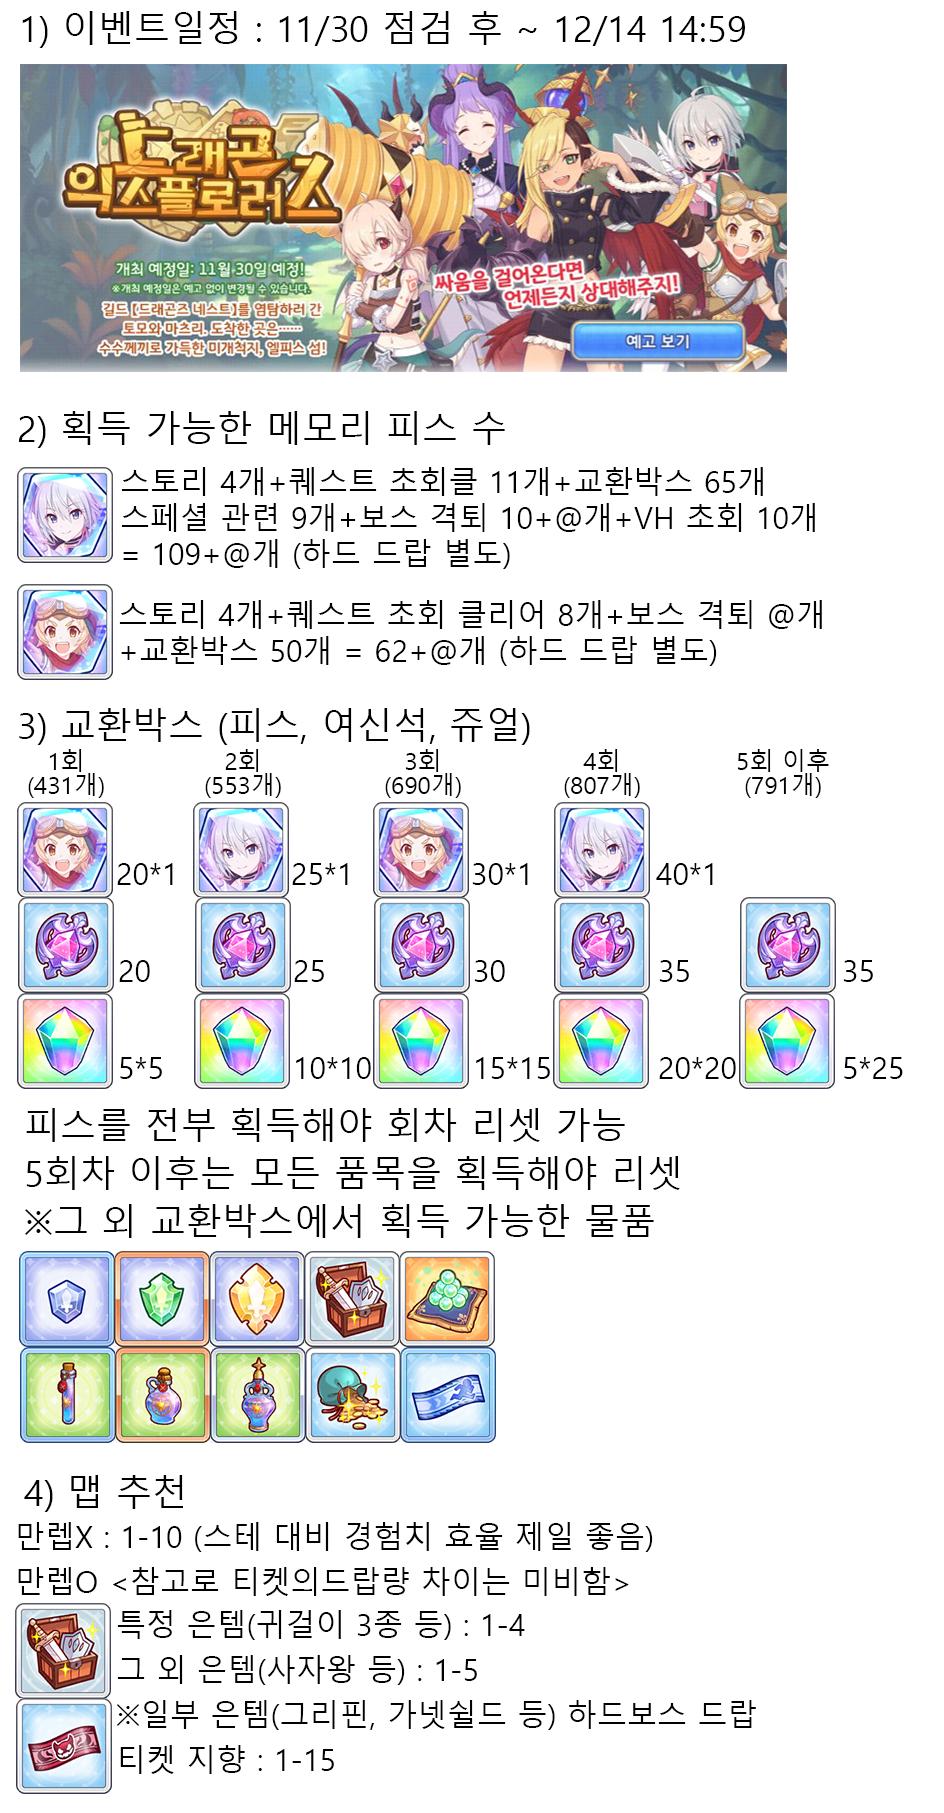 드래곤즈(1).png